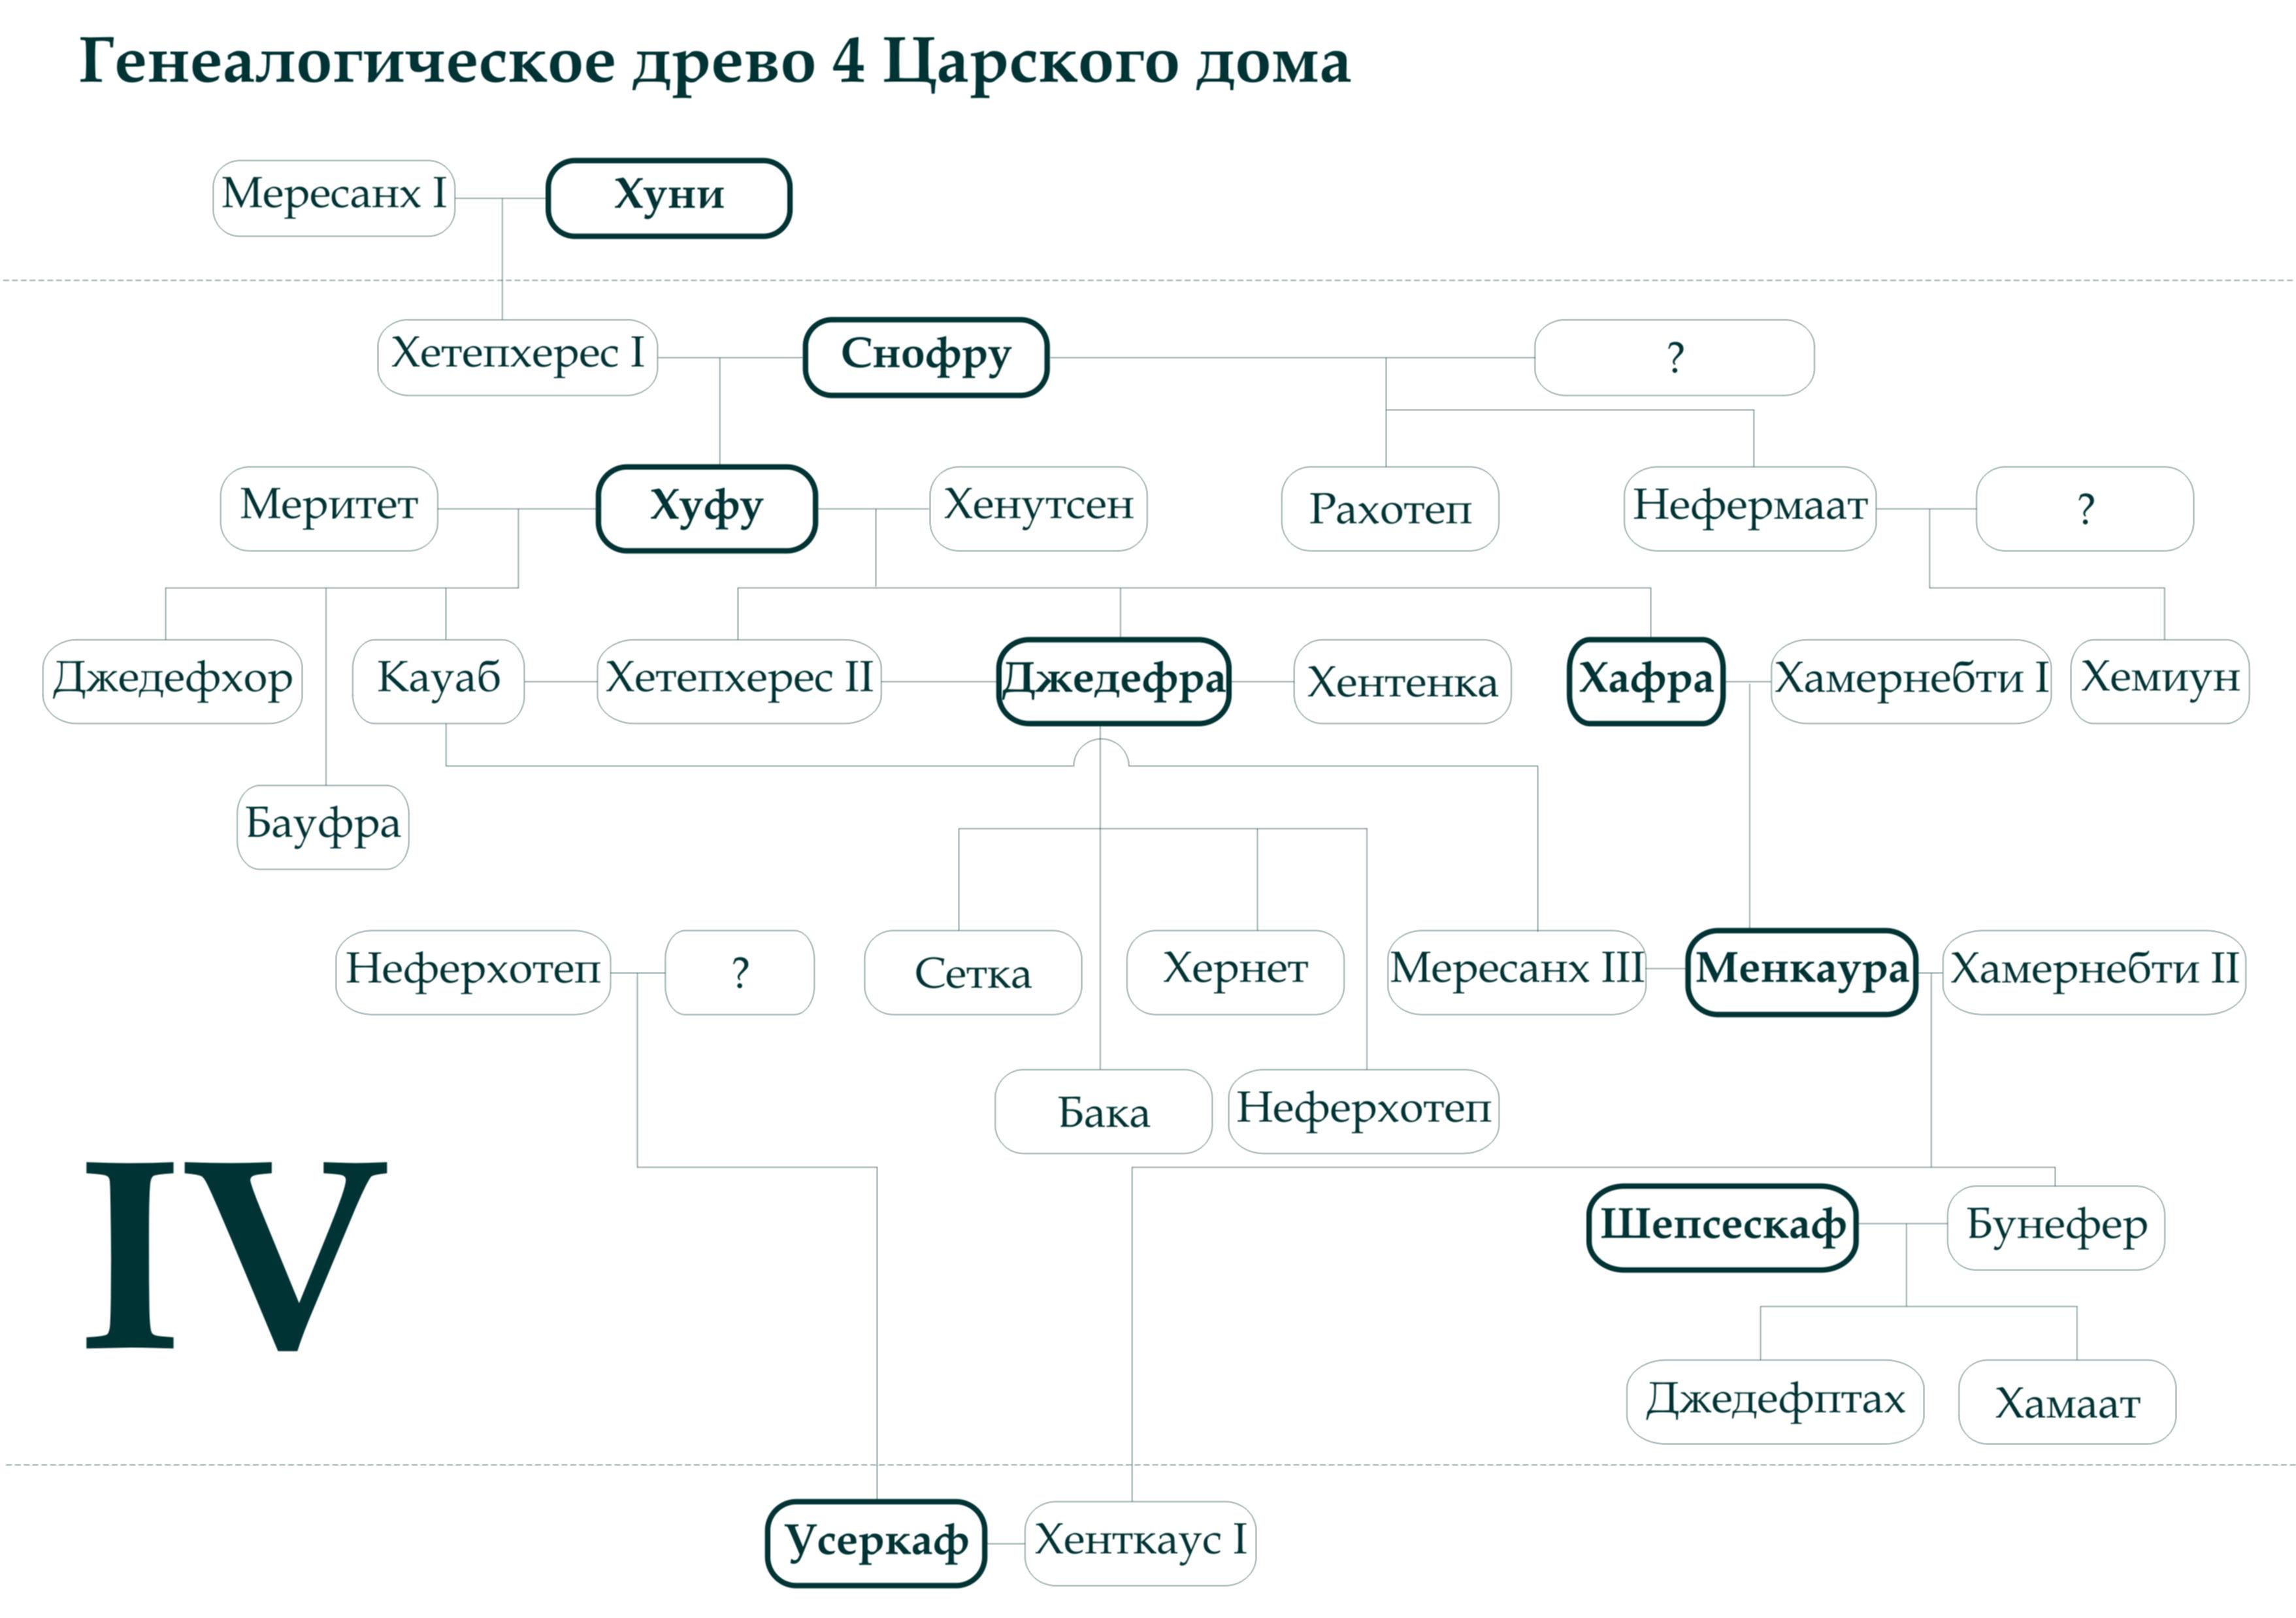 Генеалогическое древо 4 царского дома